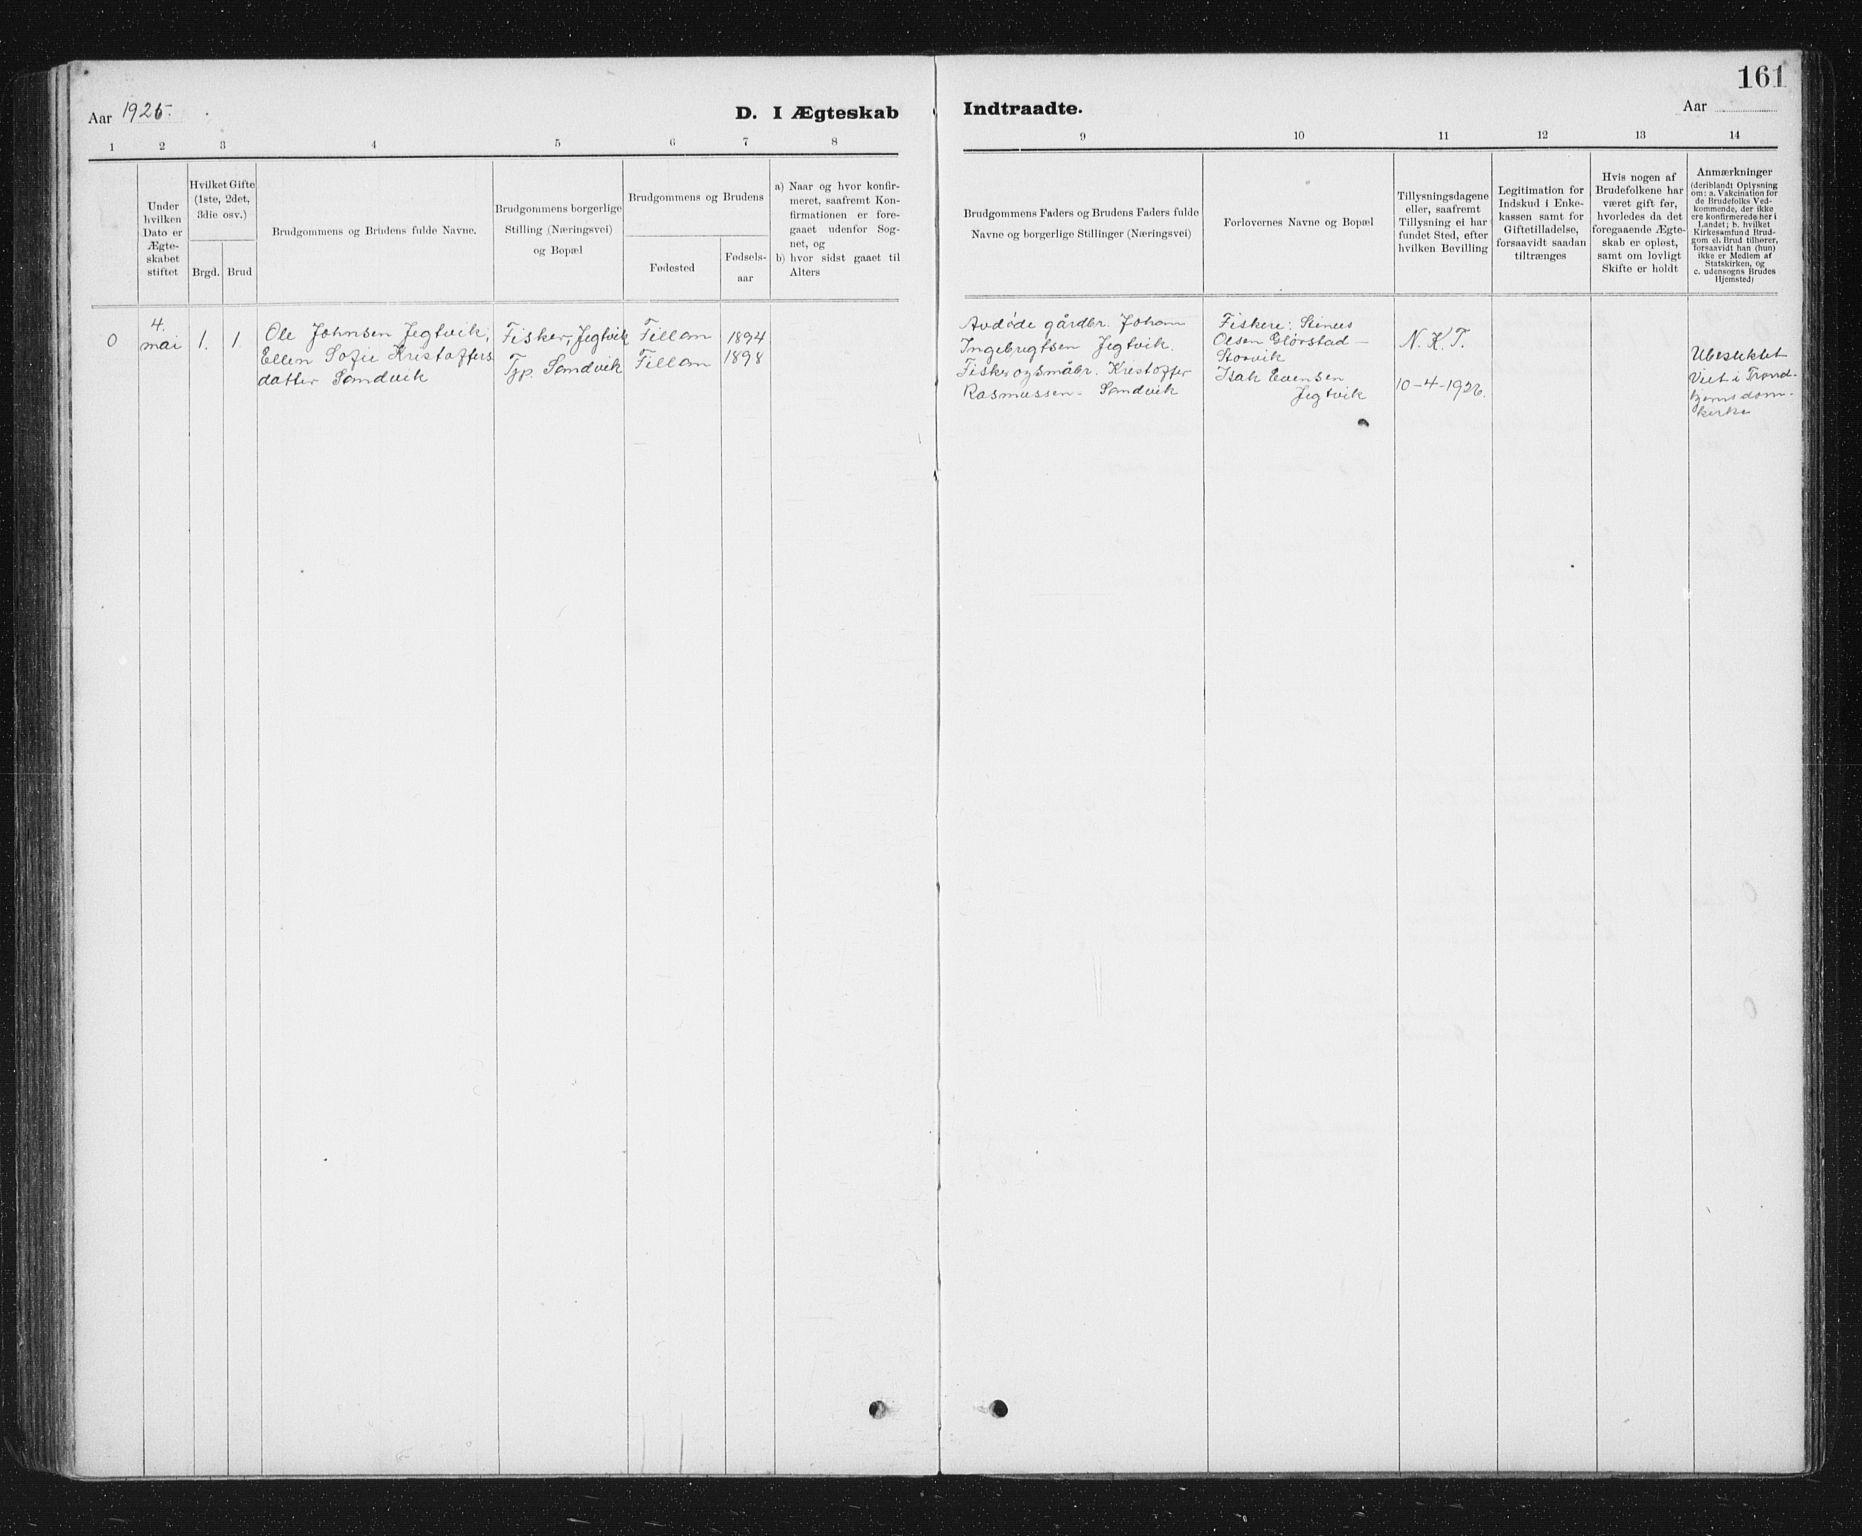 SAT, Ministerialprotokoller, klokkerbøker og fødselsregistre - Sør-Trøndelag, 637/L0563: Klokkerbok nr. 637C04, 1899-1940, s. 161